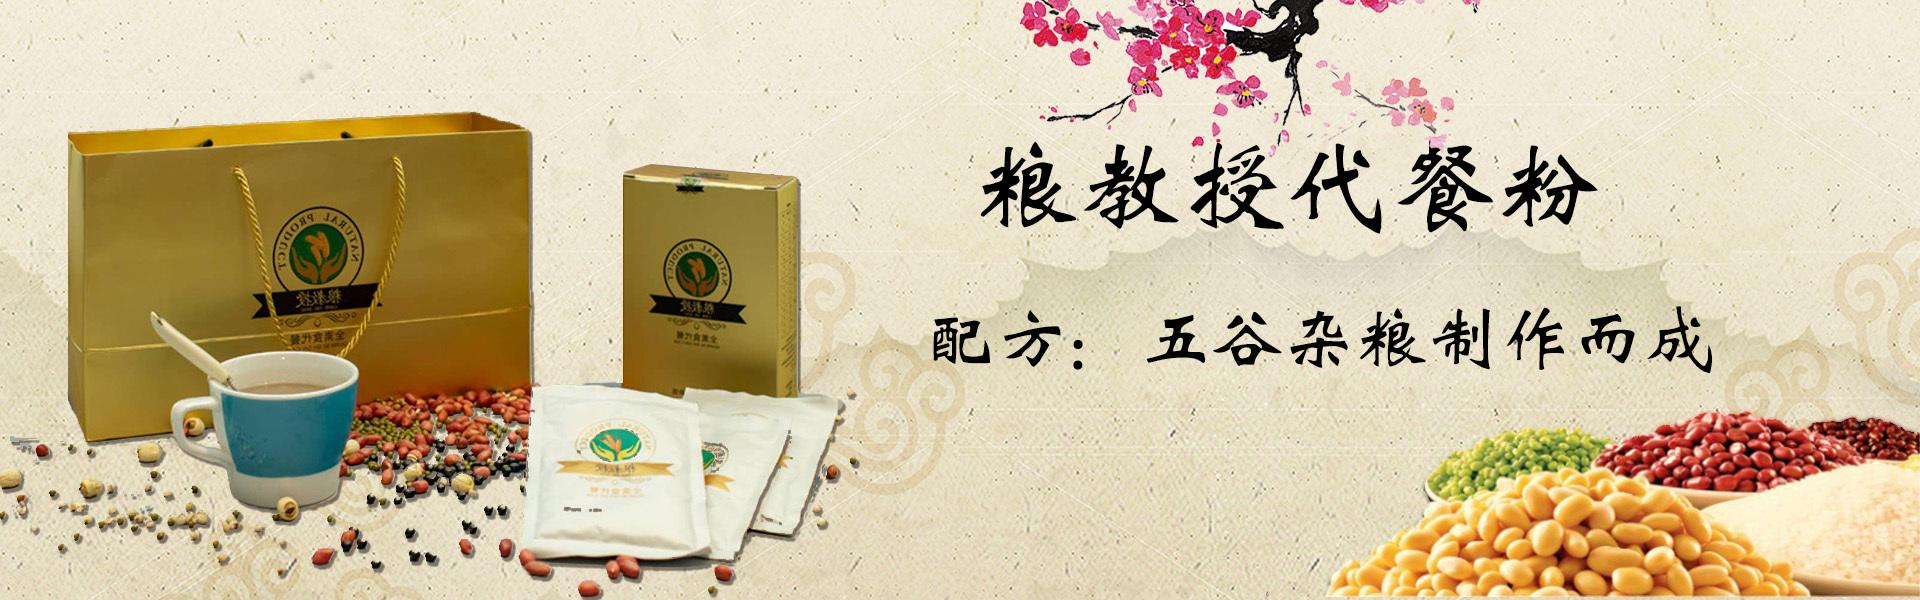 杭州电子商品直销